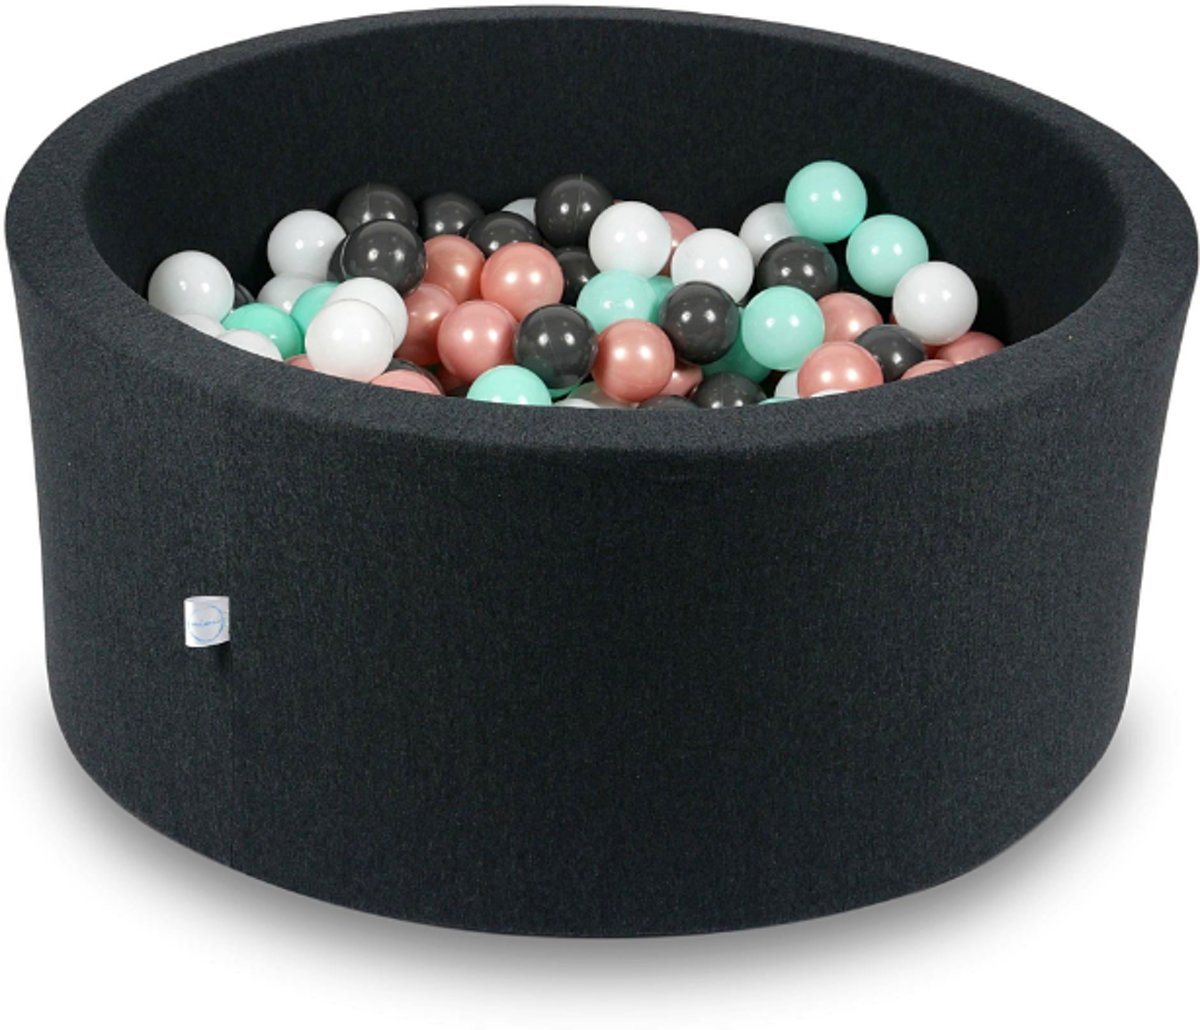 Ballenbak - 300 ballen - 90 x 40 cm - ballenbad - rond zwart